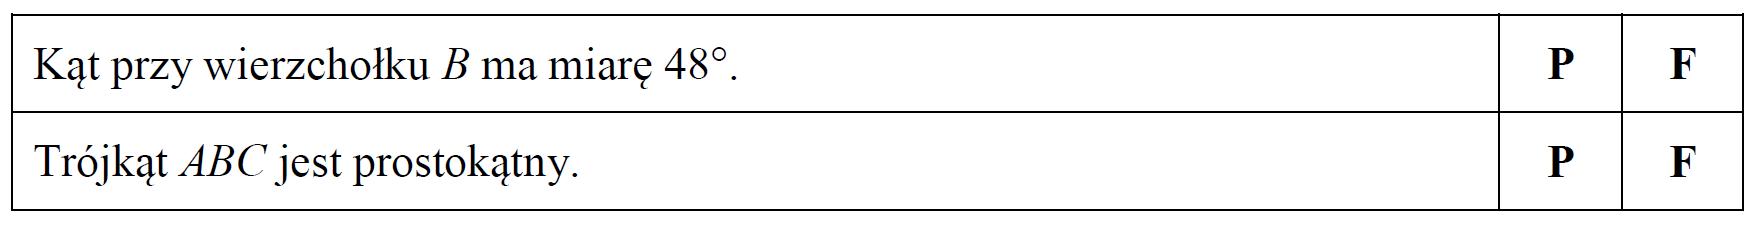 W trójkącie ABC największą miarę ma kąt przy wierzchołku C.